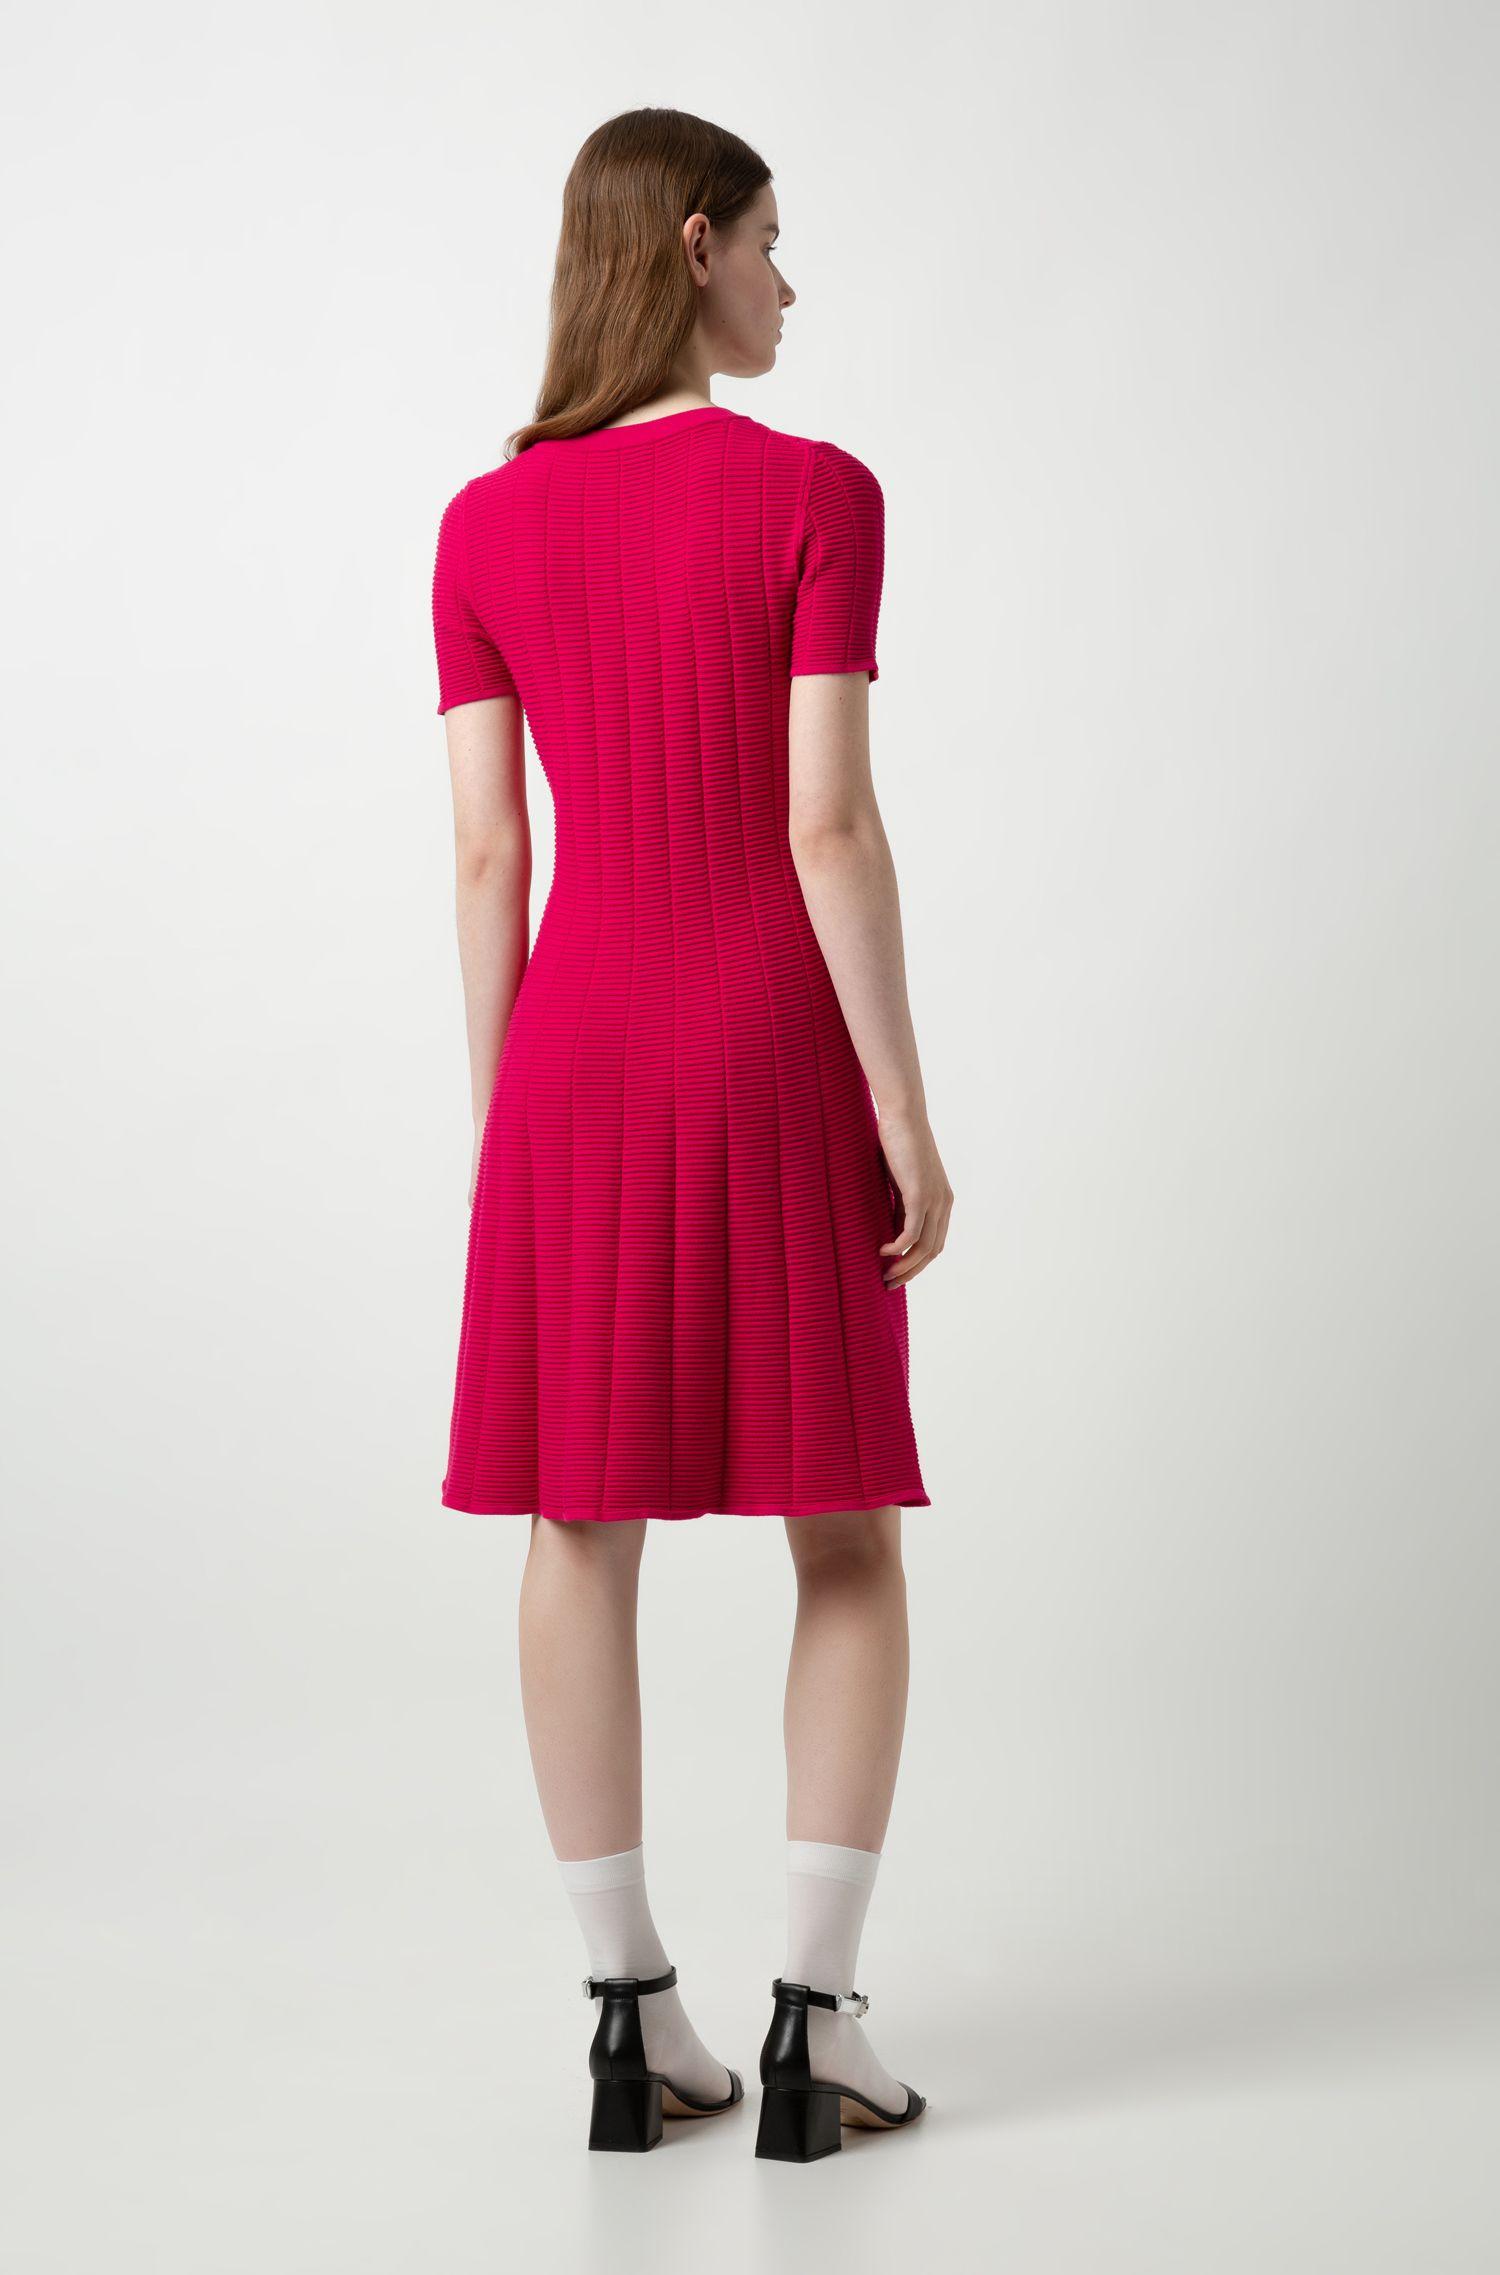 Vestido slim fit en tejido especialmente elástico con textura de rejilla, Rosa oscuro